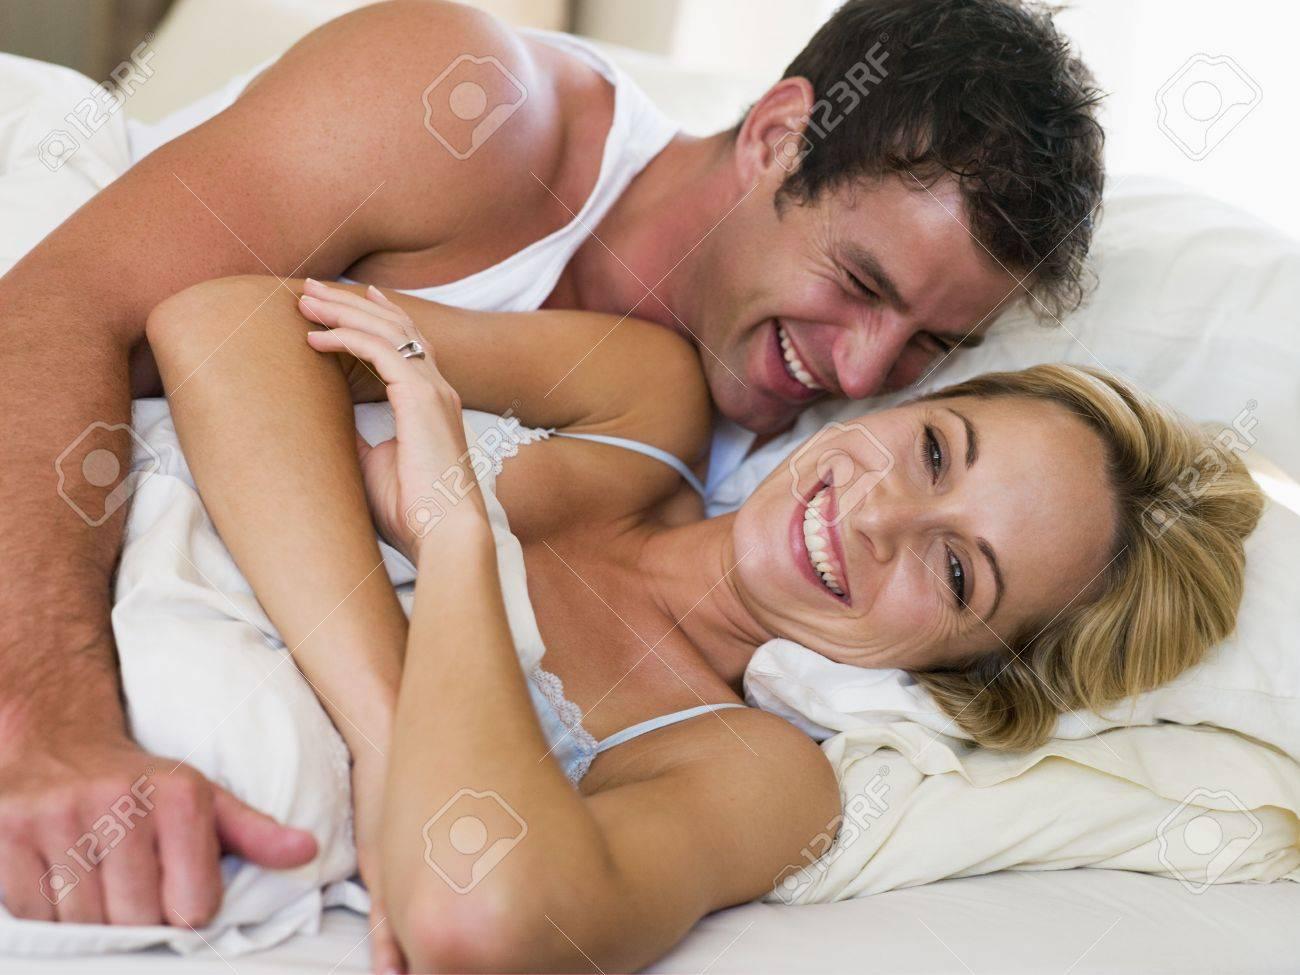 Фото жон в постели 9 фотография